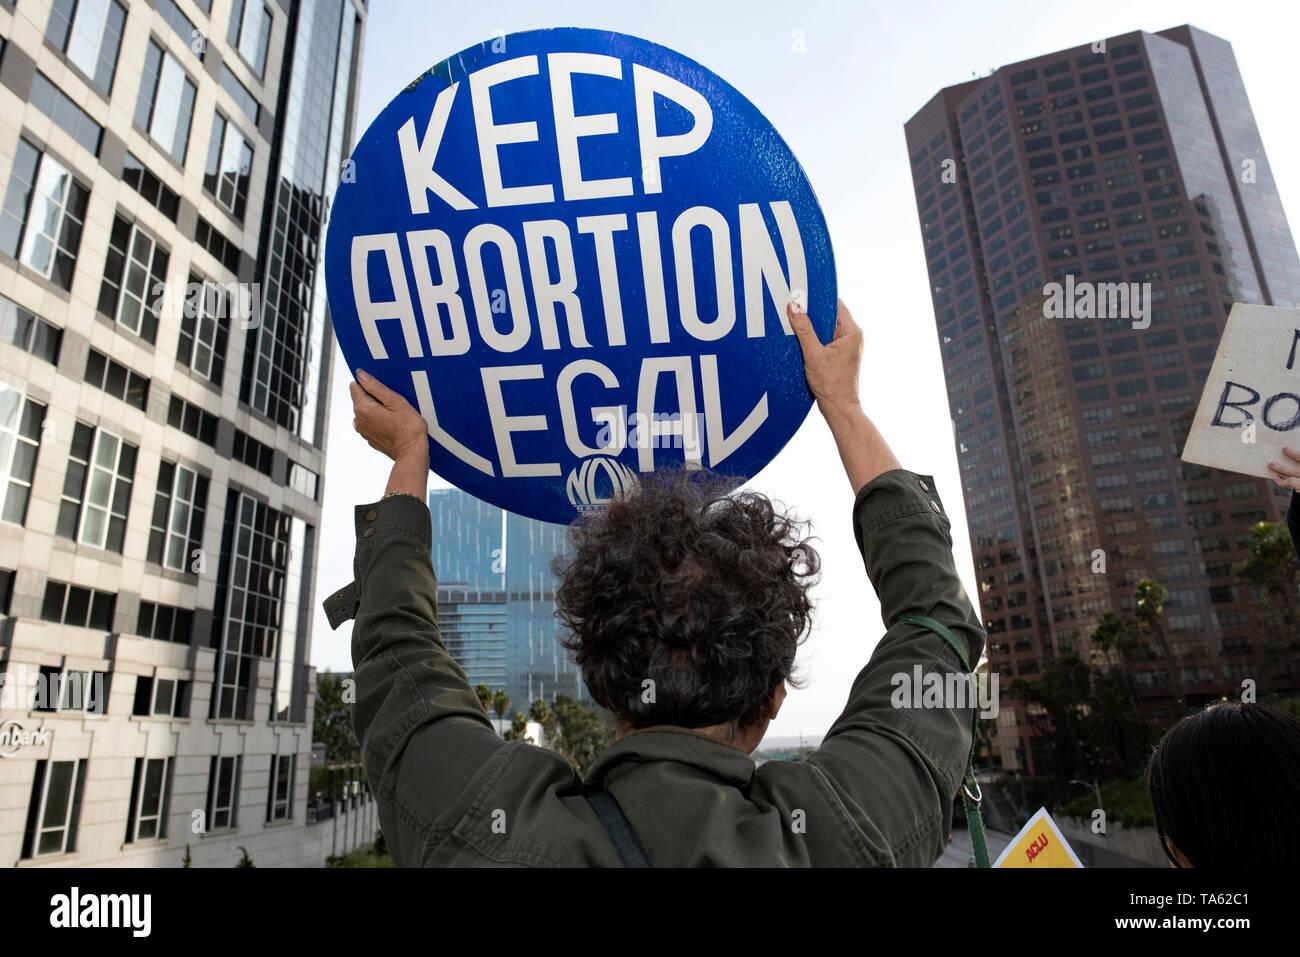 Un activista visto sosteniendo un cartel que dice que mantener el aborto legal durante la protesta. Activistas de los derechos de las mujeres protestaron contra las restricciones sobre los abortos después de Alabama promulgó la prohibición más restrictivas sobre el aborto en los Estados Unidos. Prohibiciones similares de detener el Día de Acción por el derecho al aborto se celebraron mítines en toda la nación. Foto de stock